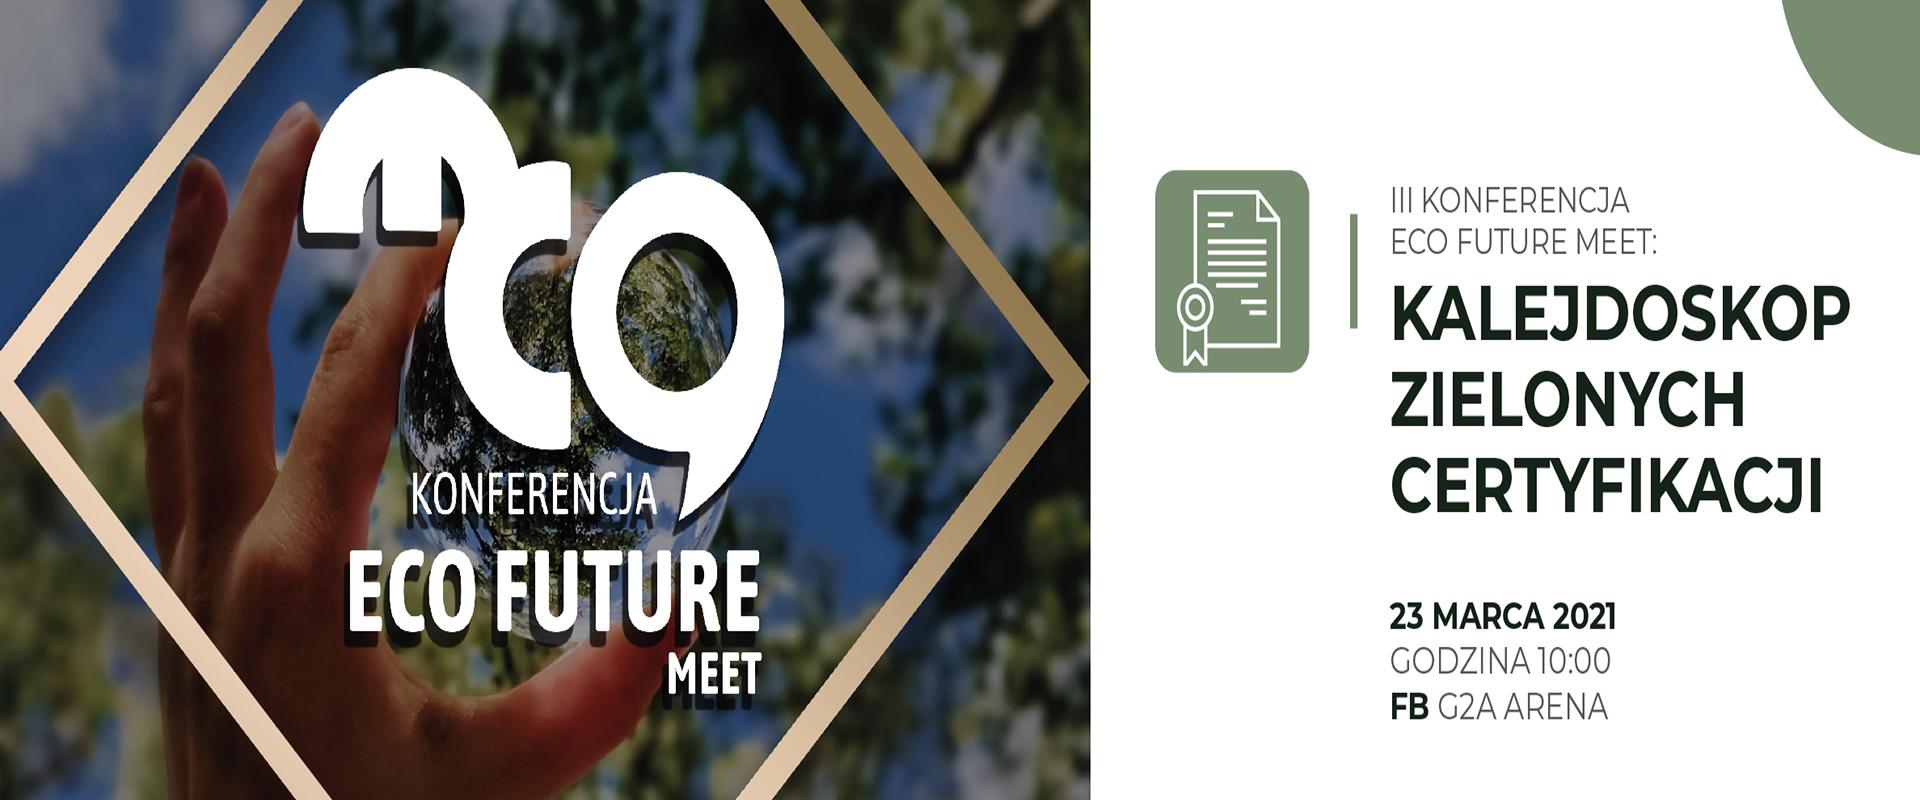 Kalejdoskop Zielonych Certyfikacji, czyli Control Union na Eco Future Meet.